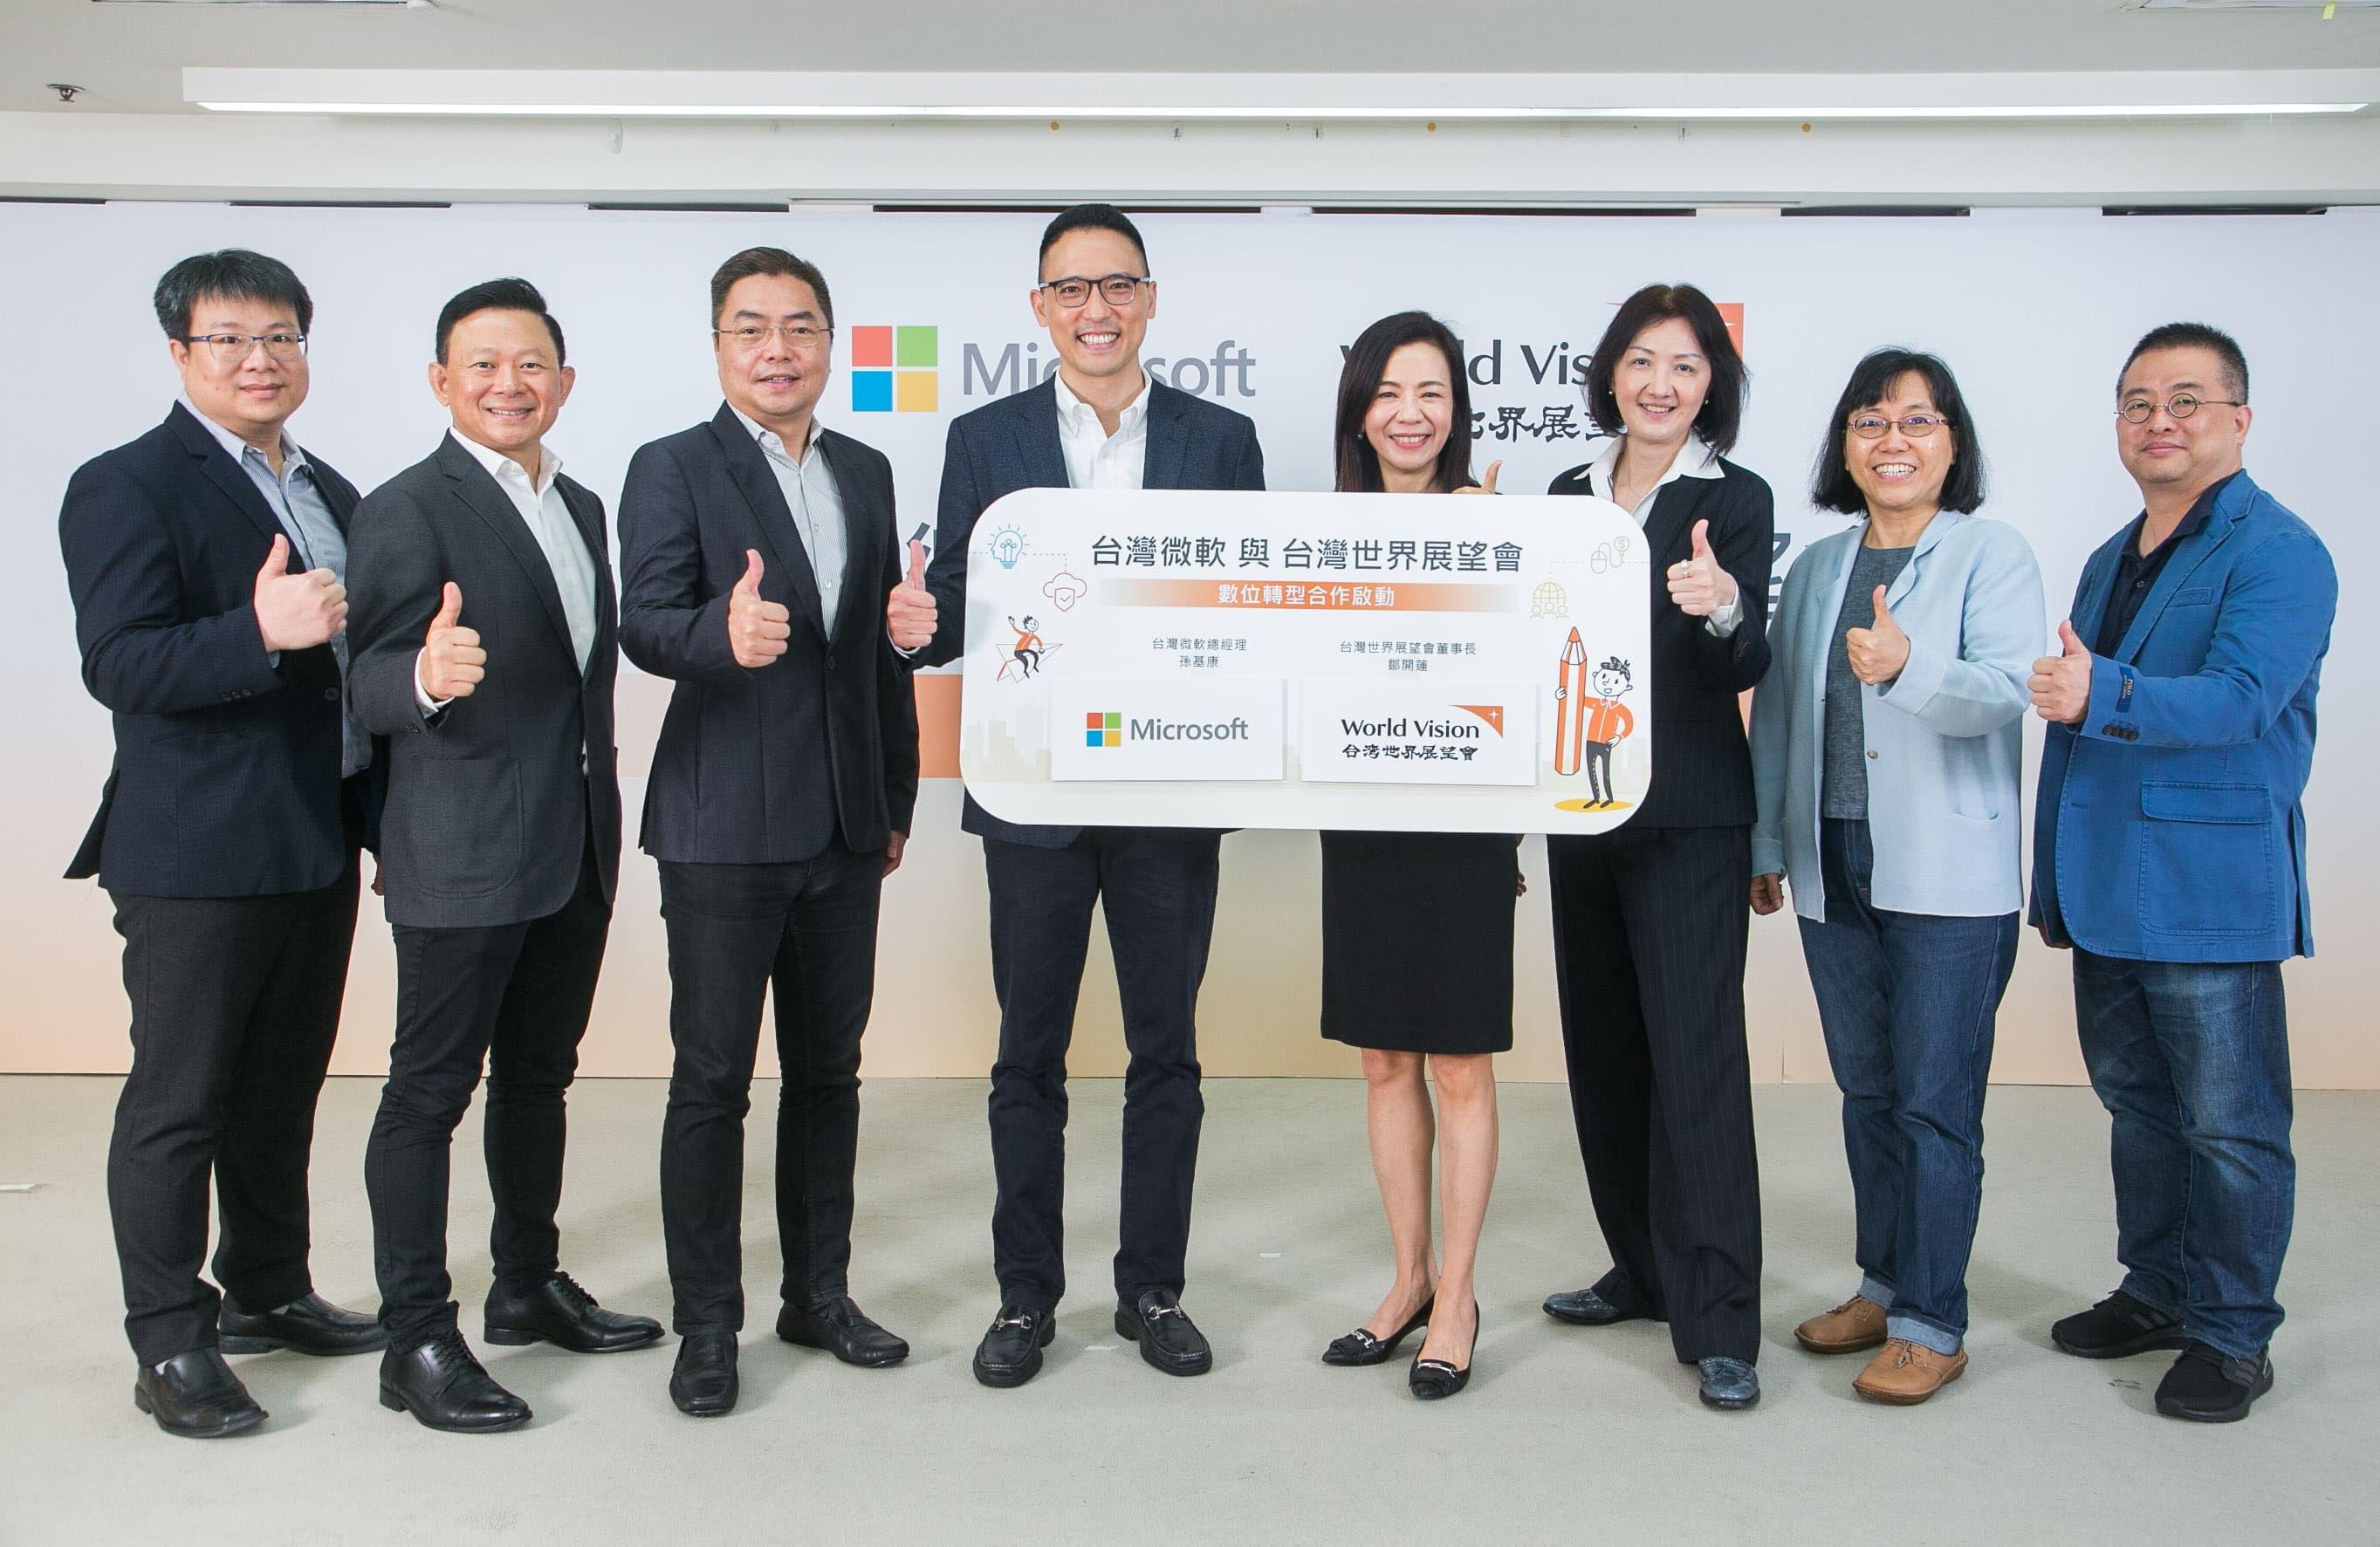 以科技實現關懷無礙!台灣世界展望會偕台灣微軟實踐數位轉型